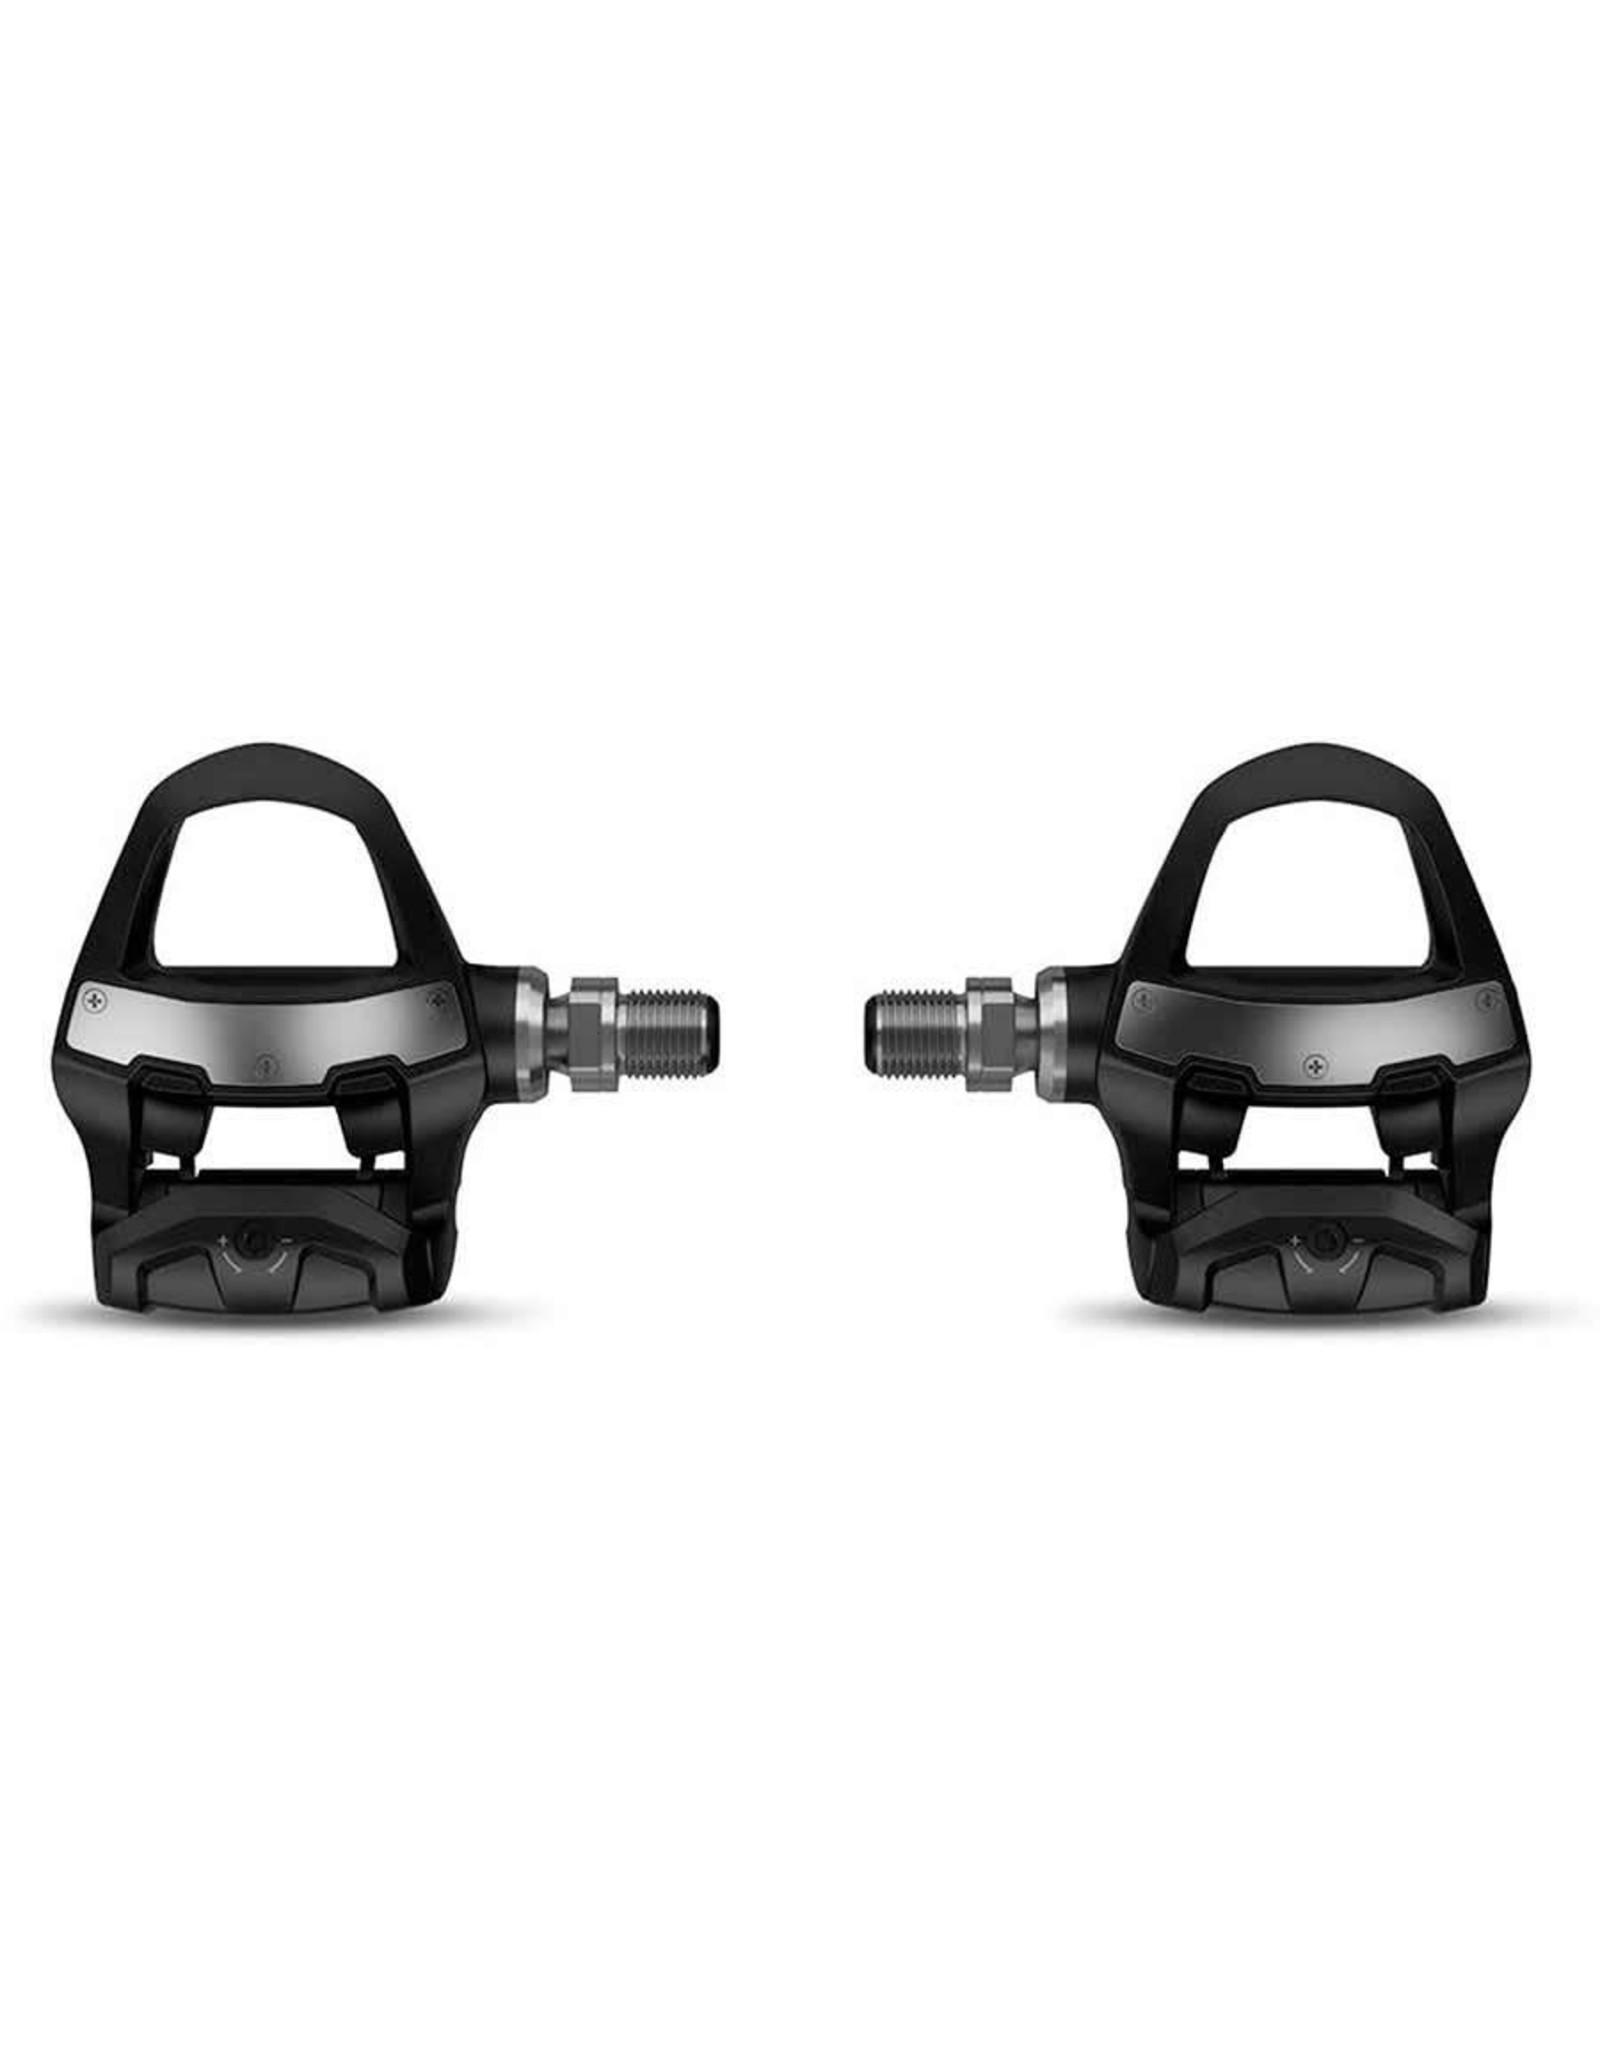 Garmin GARMIN, Vector 3S, Pedals, Black,